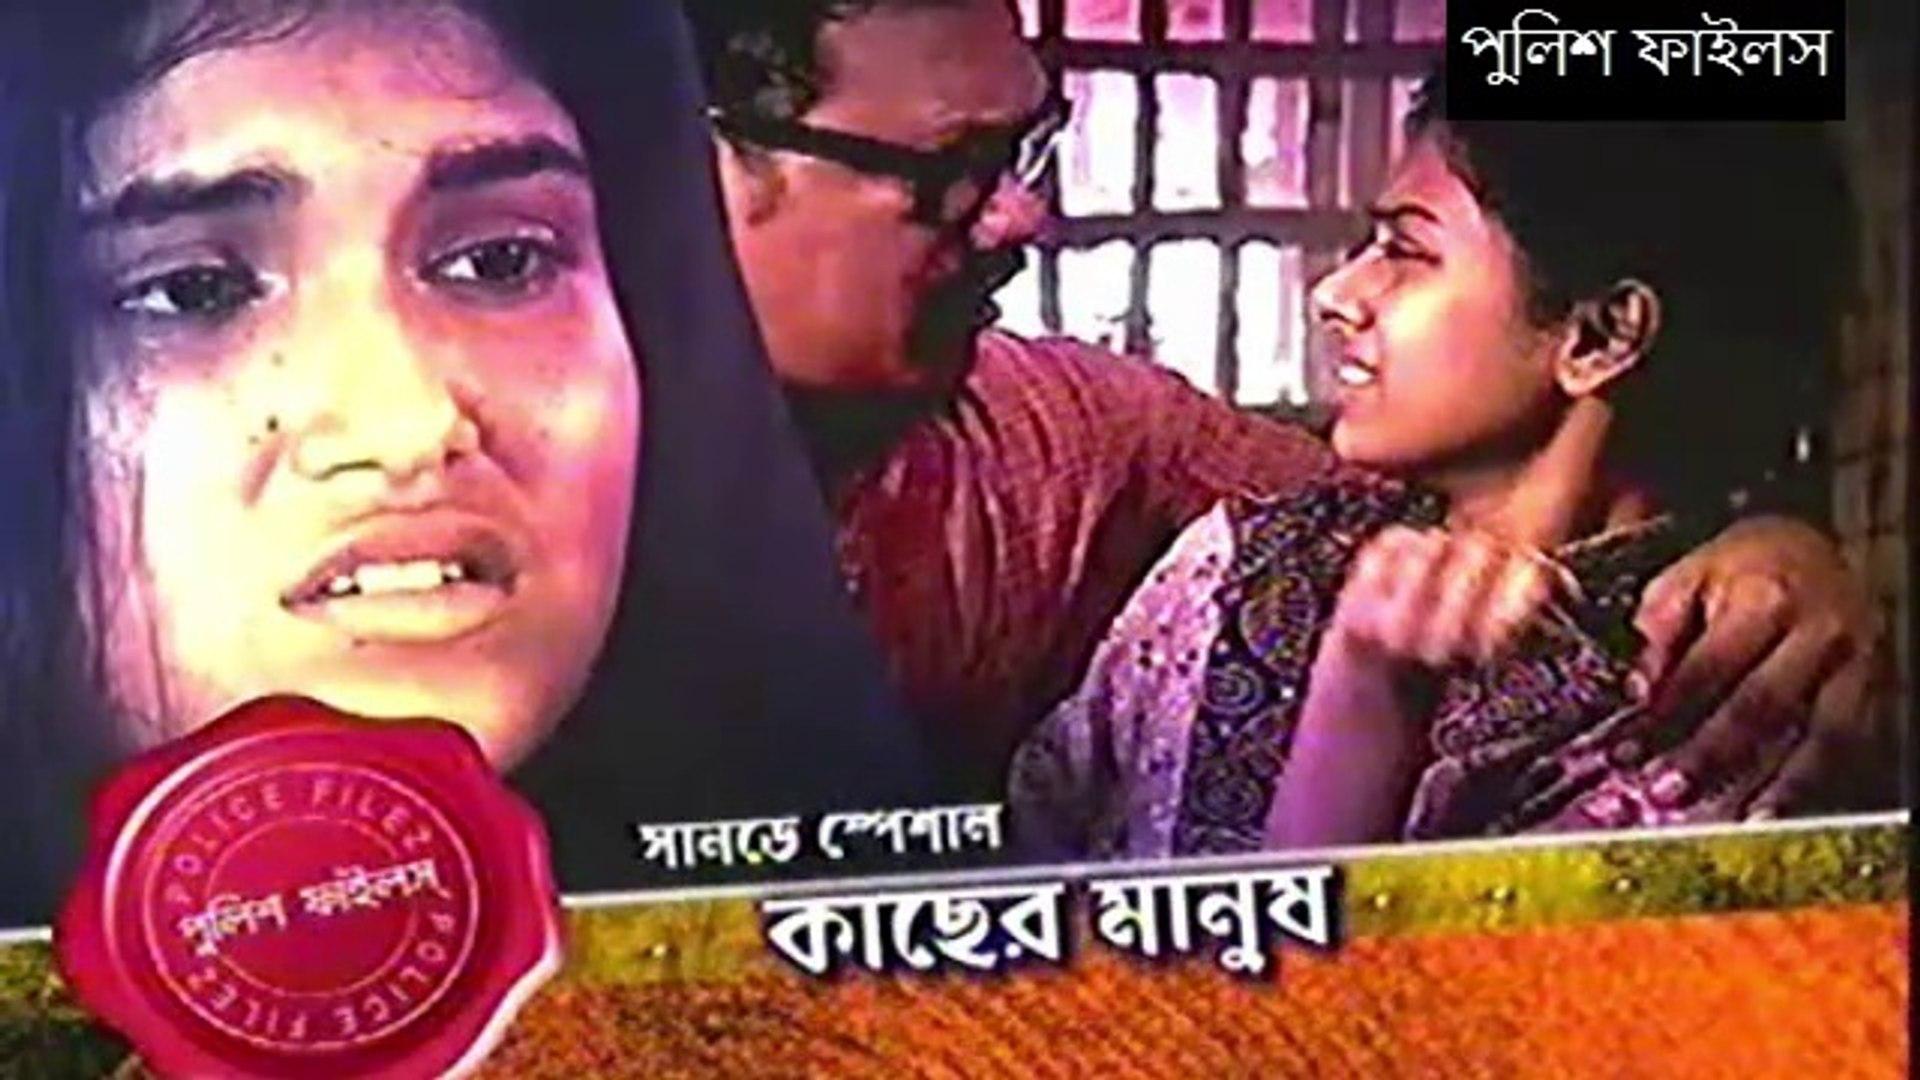 কাছের মানুষ - পুলিশ ফাইল নতুন পর্ব Kacher Manush #  Police Files Bangla New Episode